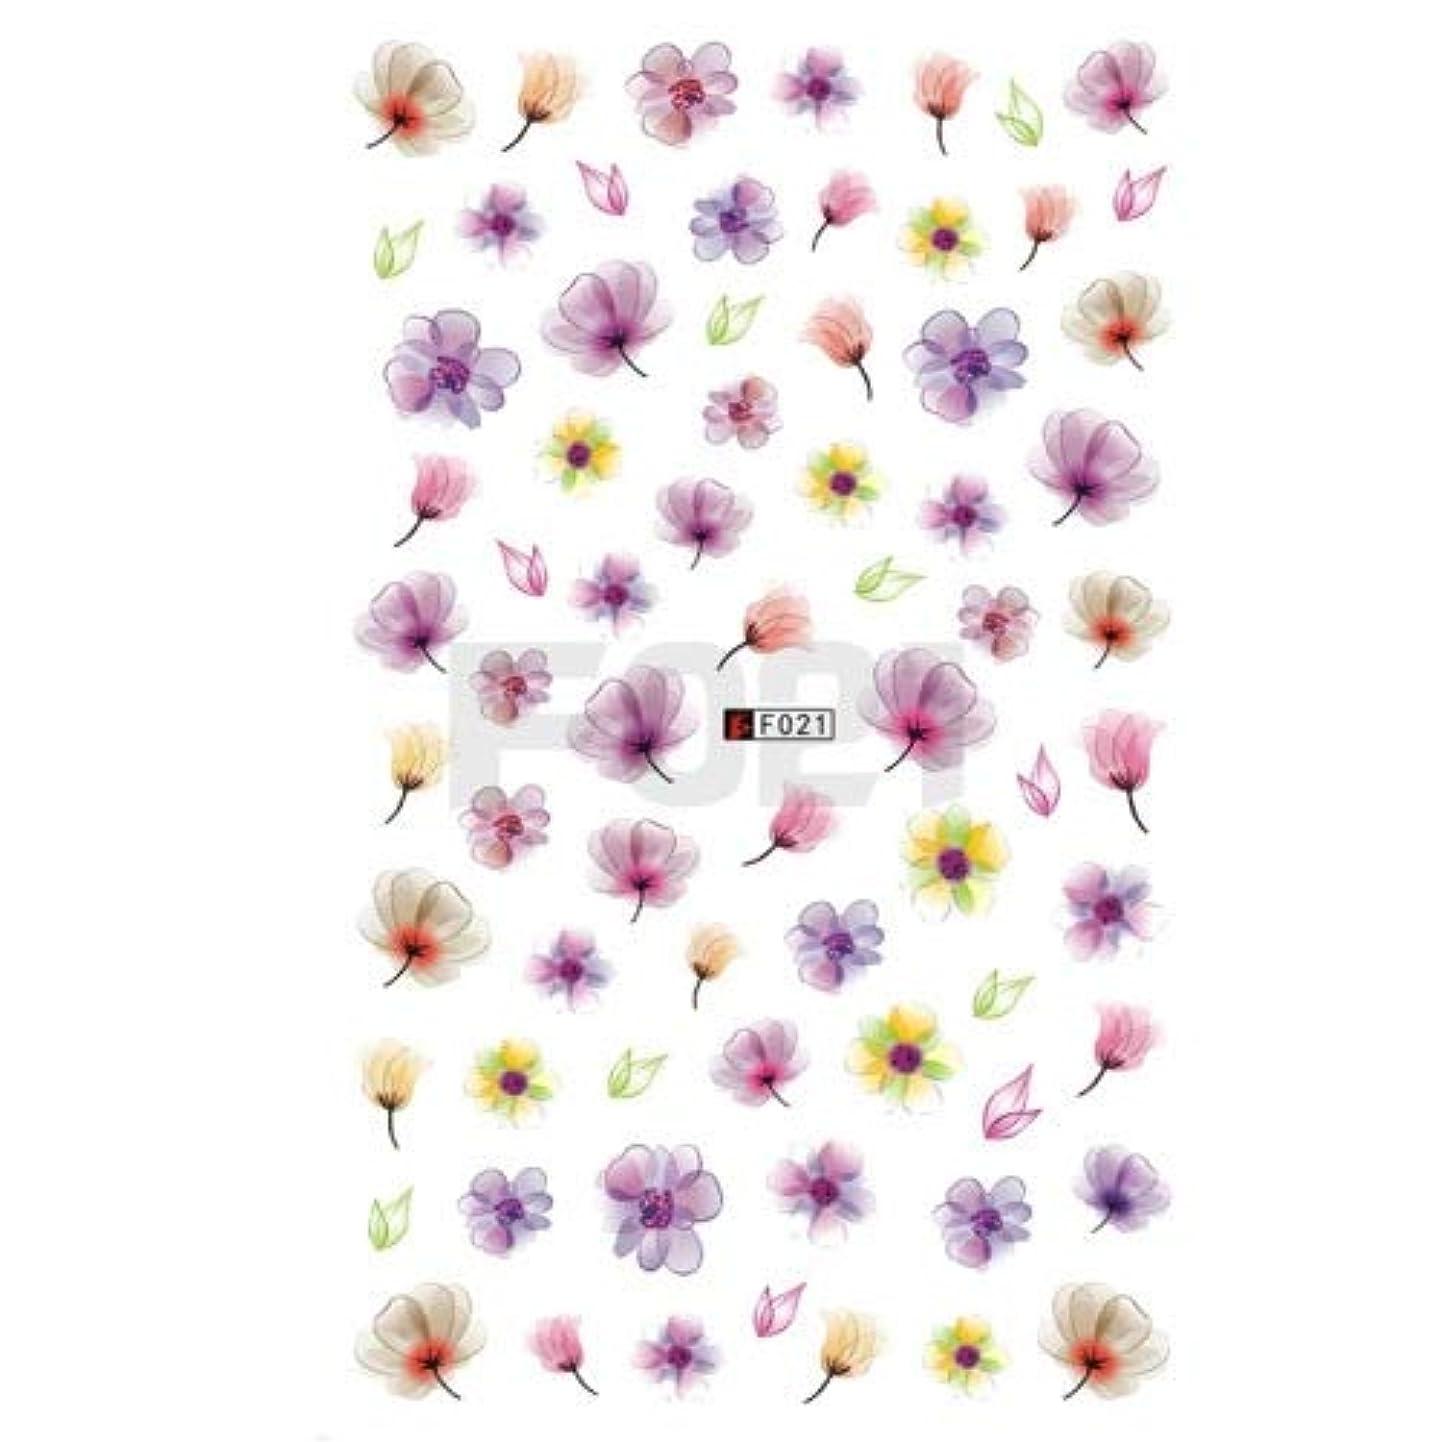 入り口気分試してみる手足ビューティーケア 3個の3Dネイルステッカー咲く花3Dネイルアートステッカーデカール(F199) (色 : F021)